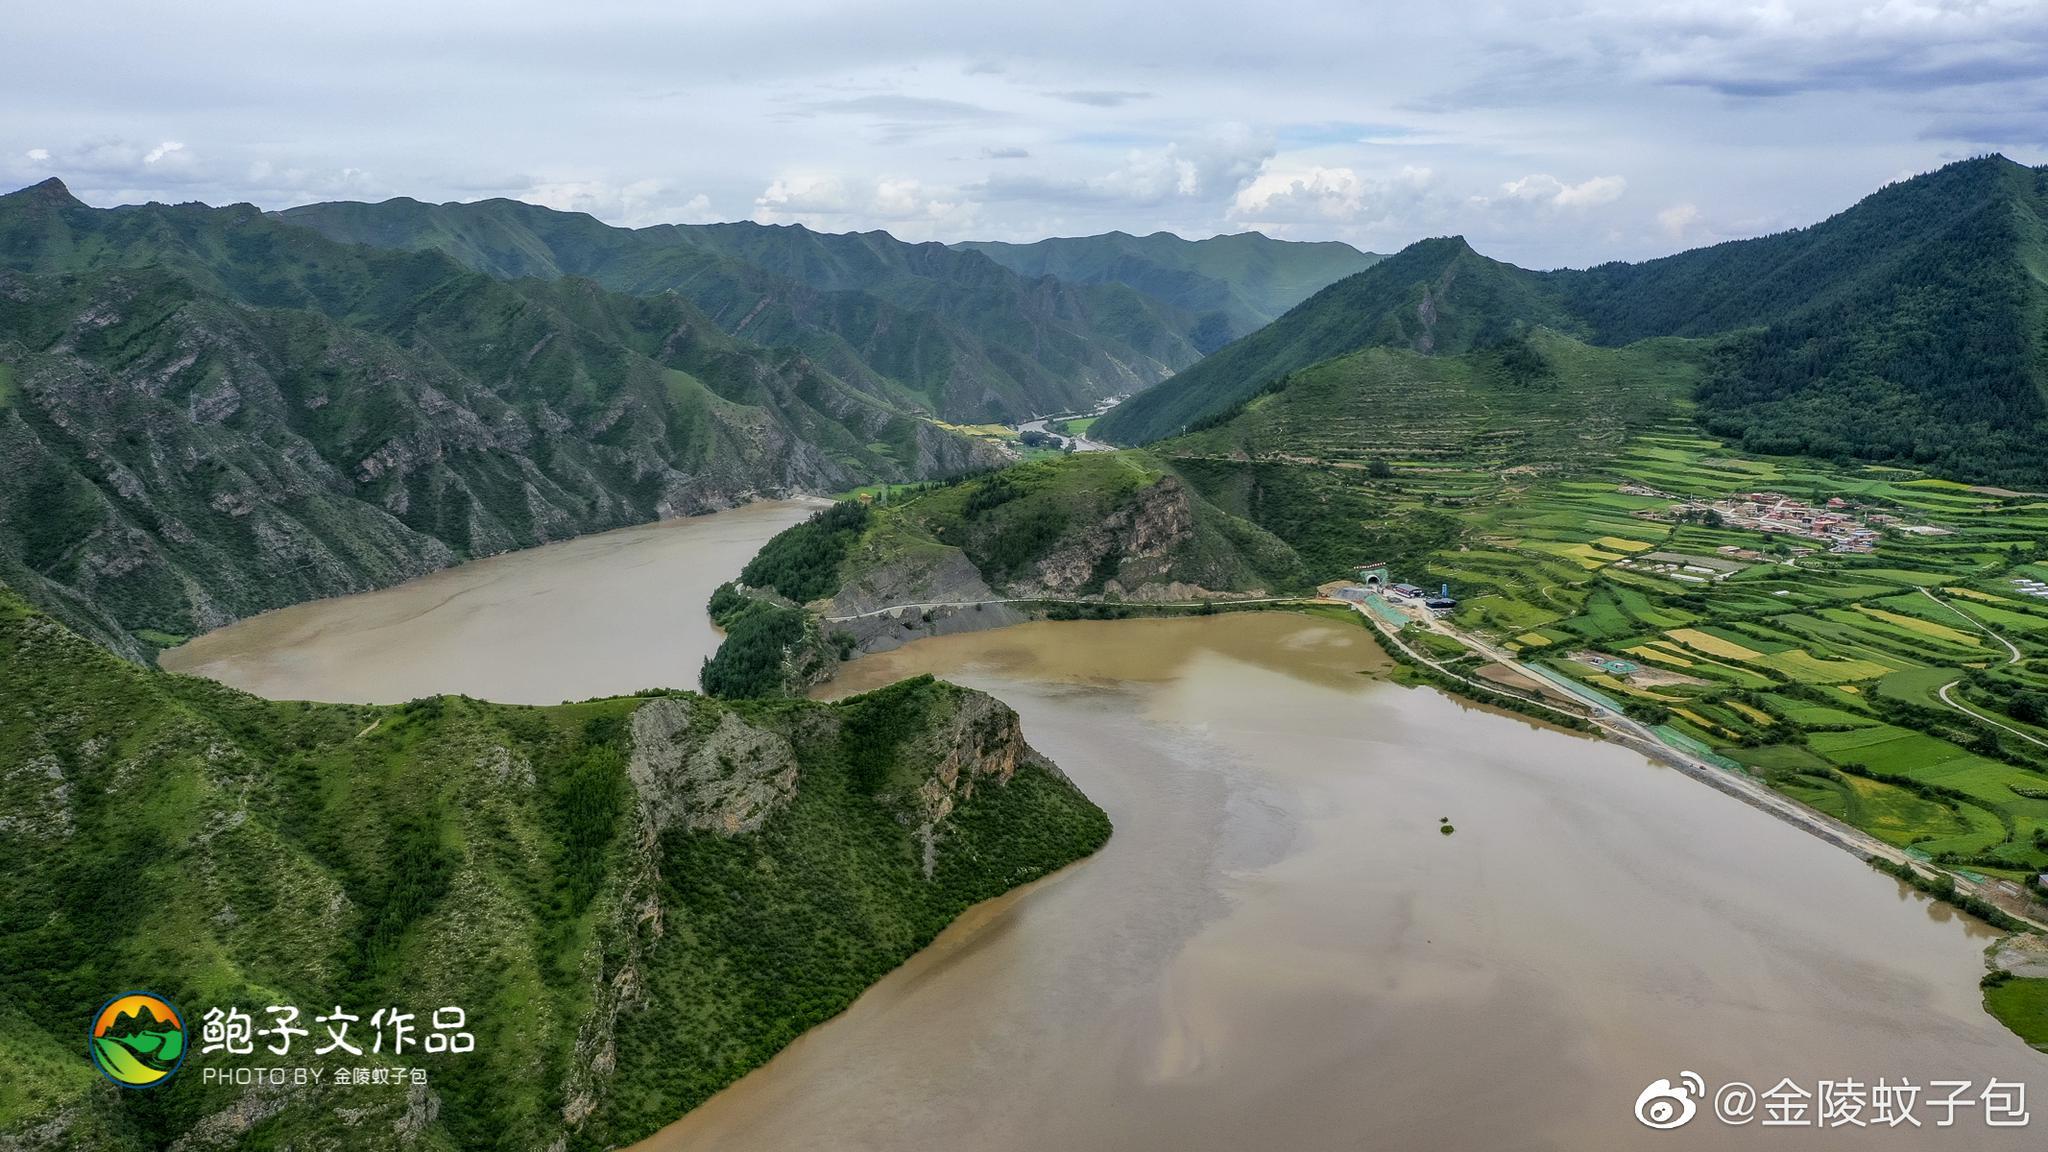 洛克之路,被称为中国最美100公里,起点卓尼扎古录镇,终点扎尕那